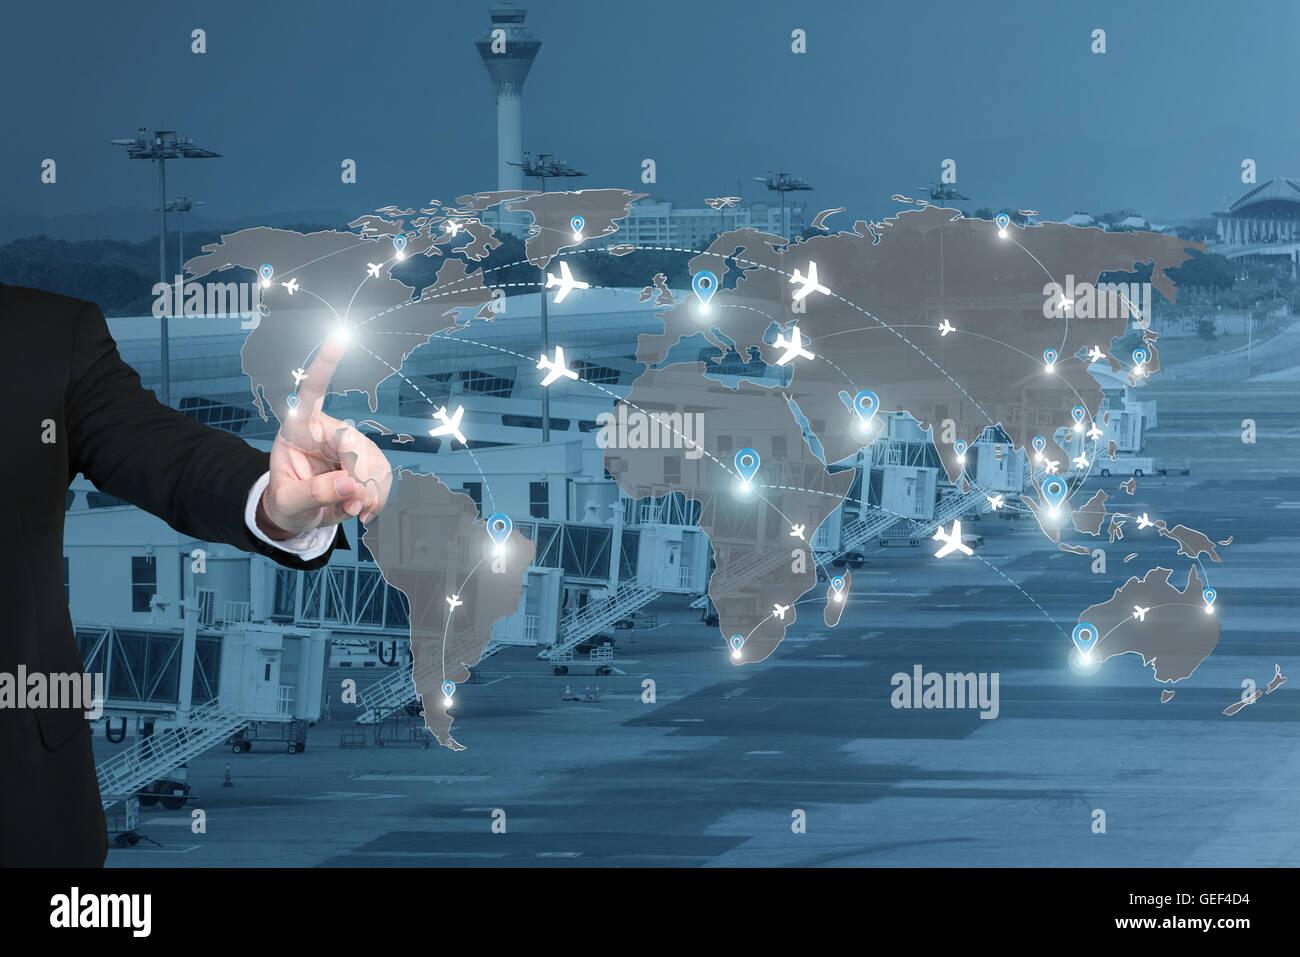 Geschäftsmann, arbeiten mit virtuellen Schnittstelle Verbindung Karte von Flug Strecken Flugzeuge Netznutzung Stockbild